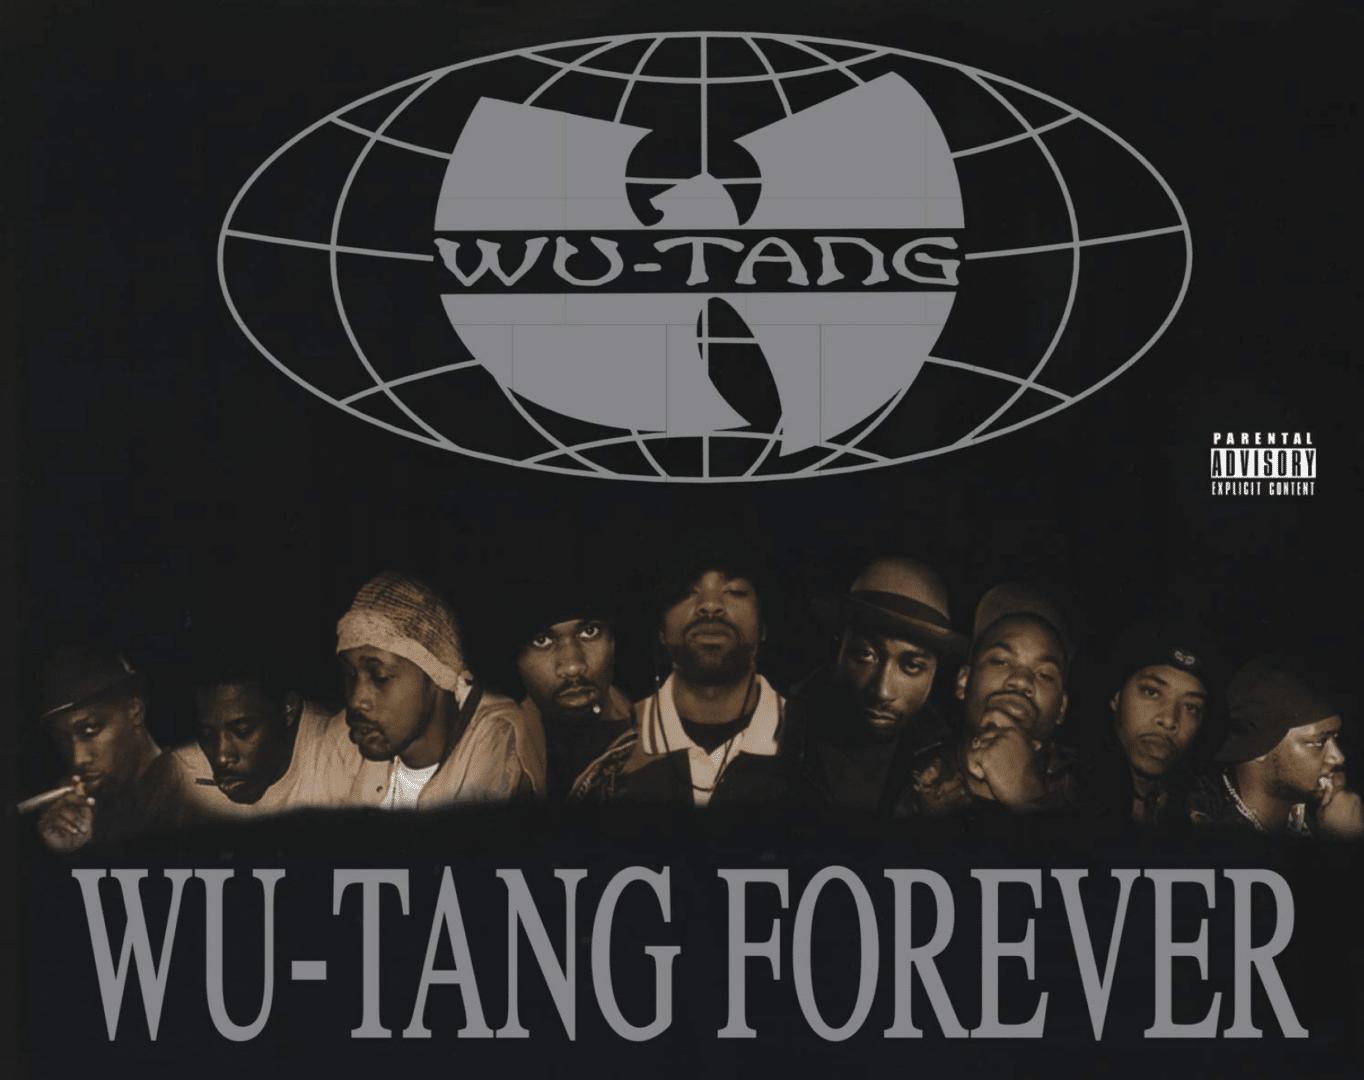 Portada del álbum de Wu-tang clan llamado Wu-tang forever con el que Wu-Tang Clan creó una identidad y un legado para la posteridad.